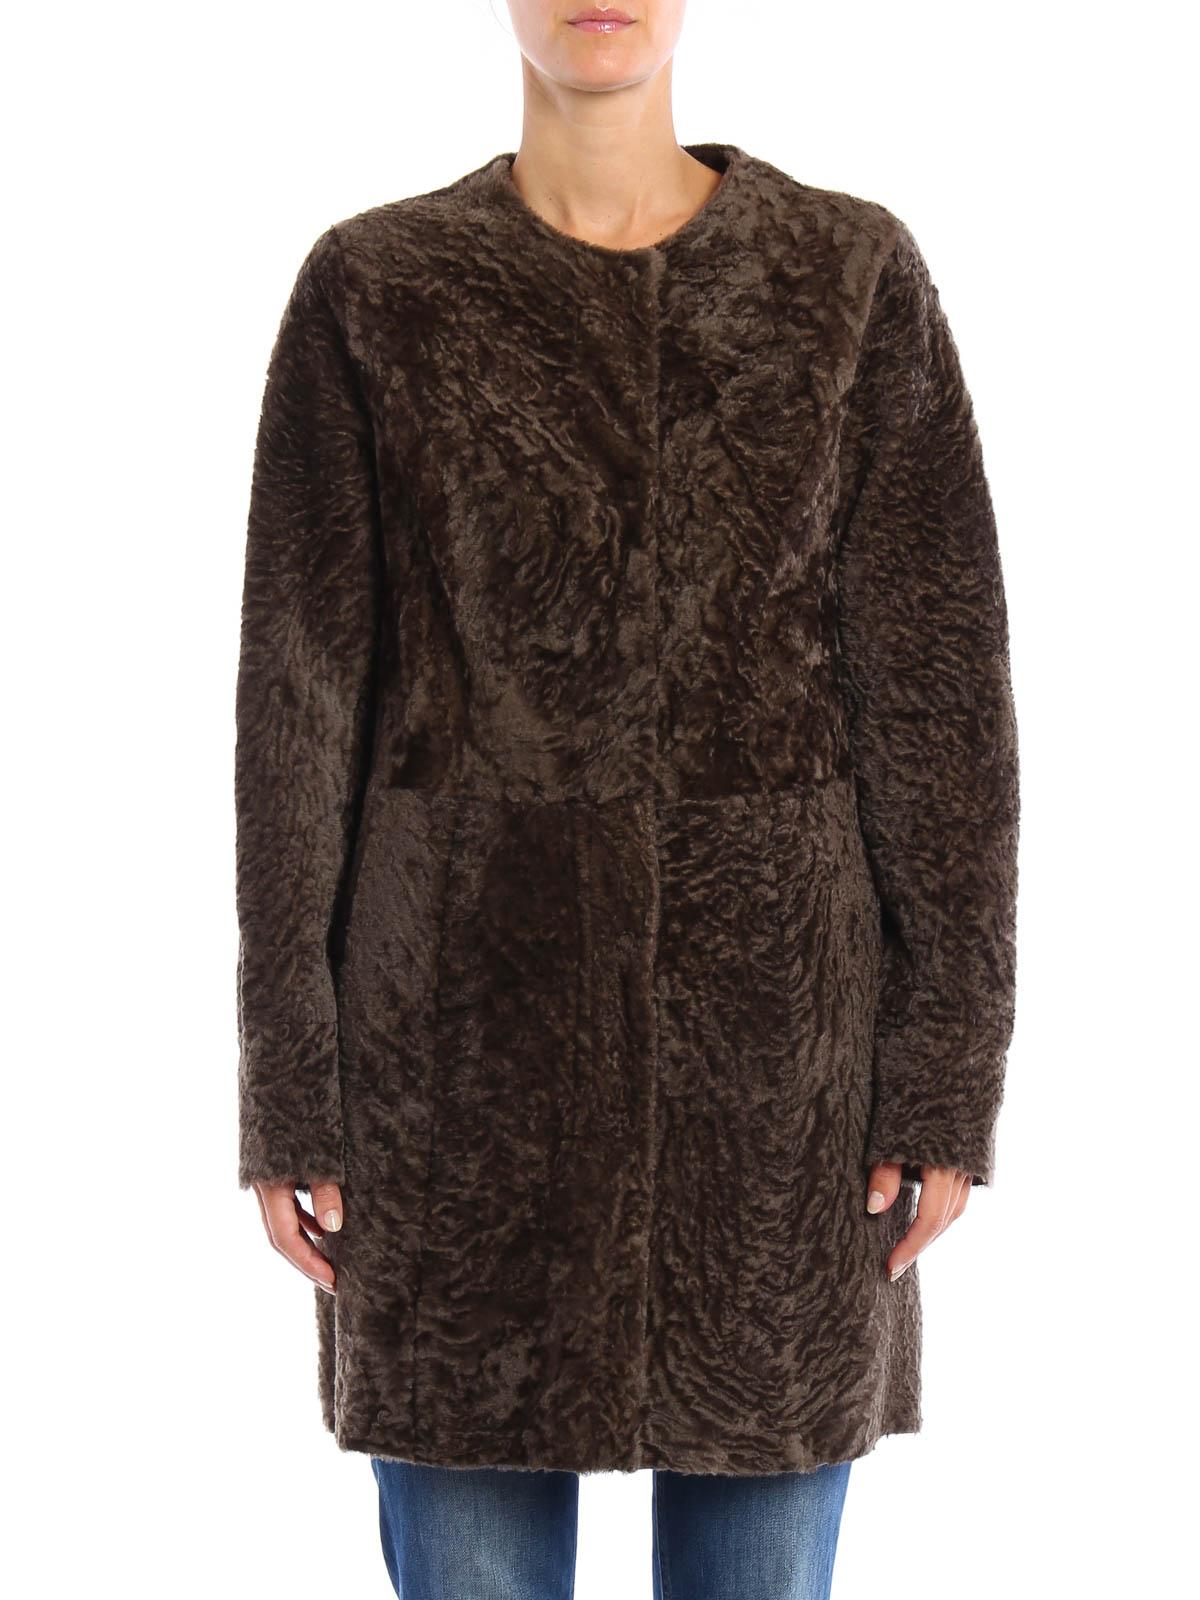 Reversible shearling by Drome - Fur & Shearling Coats | iKRIX